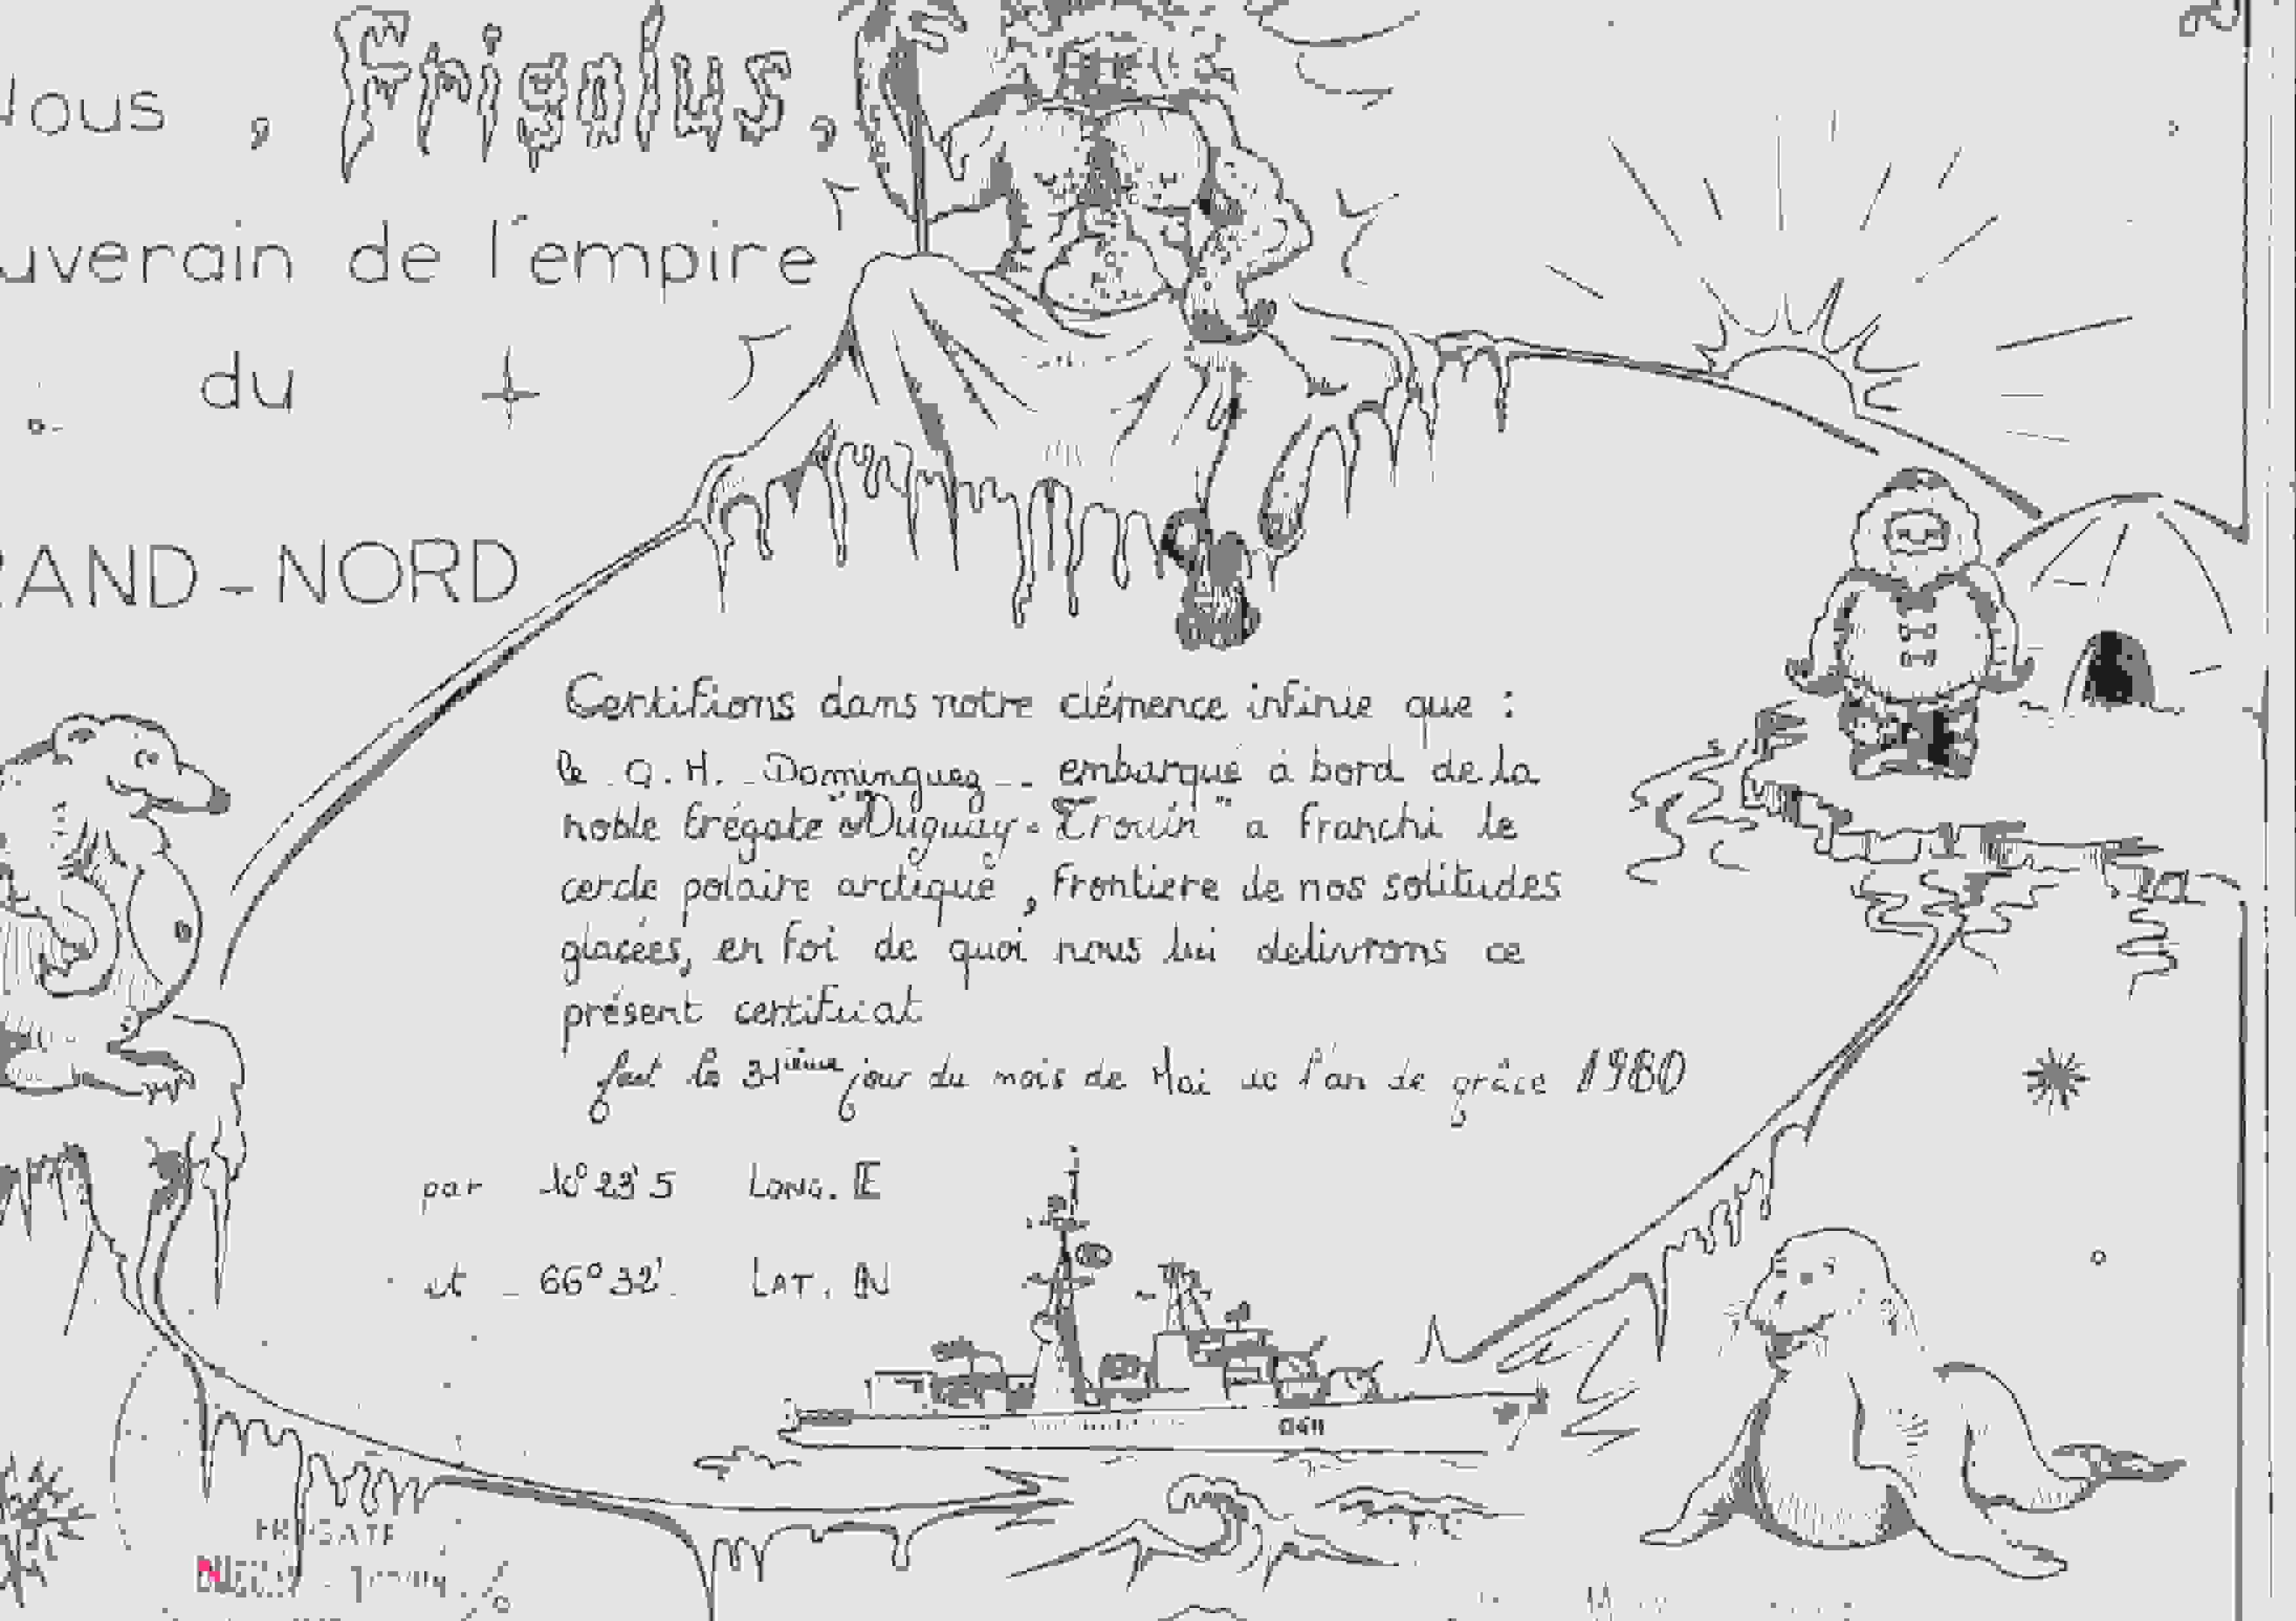 [Les traditions dans la Marine] Passage du cercle polaire (Sujet unique) - Page 3 Dgt_ce10